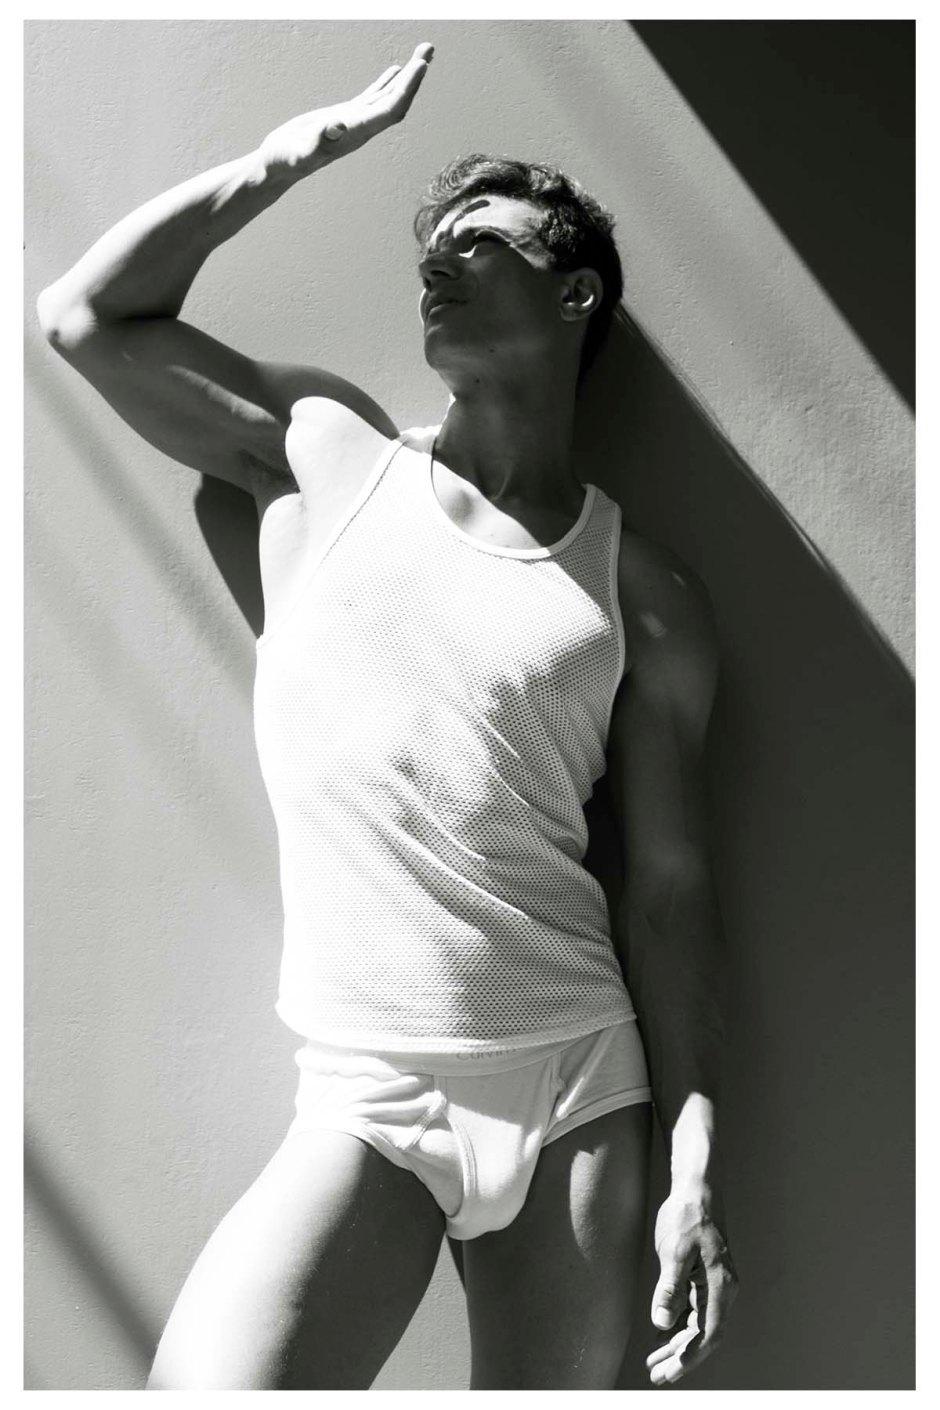 Sulevan Araujo by Rodrigo Moura for Brazilian Male Model_008